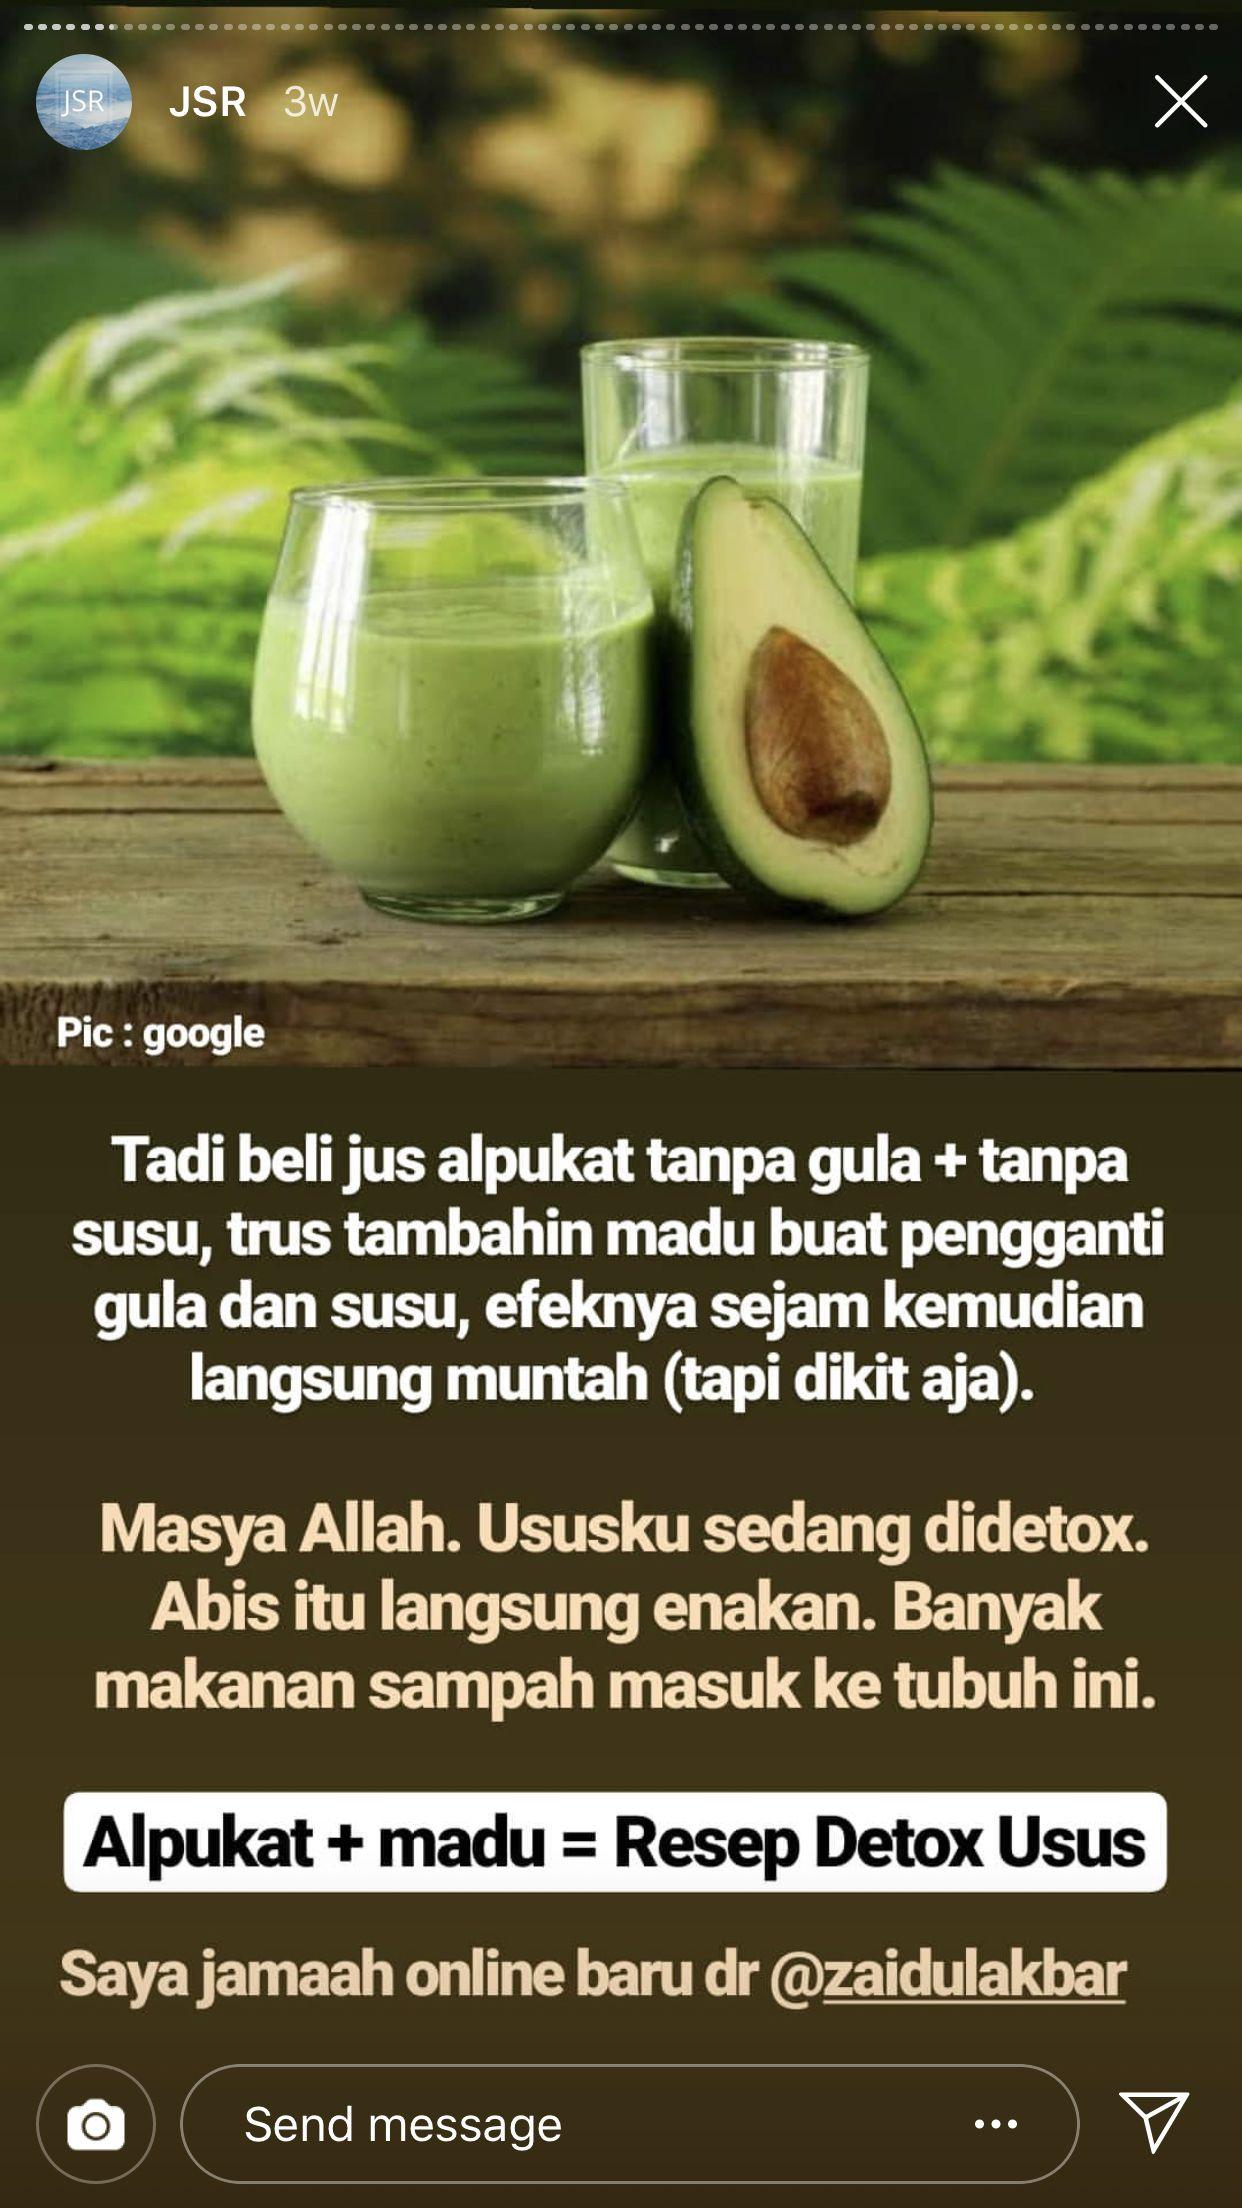 Pin Oleh Abang Faiq Di Resep Jsr Diet Detoks Makanan Sehat Nutrisi